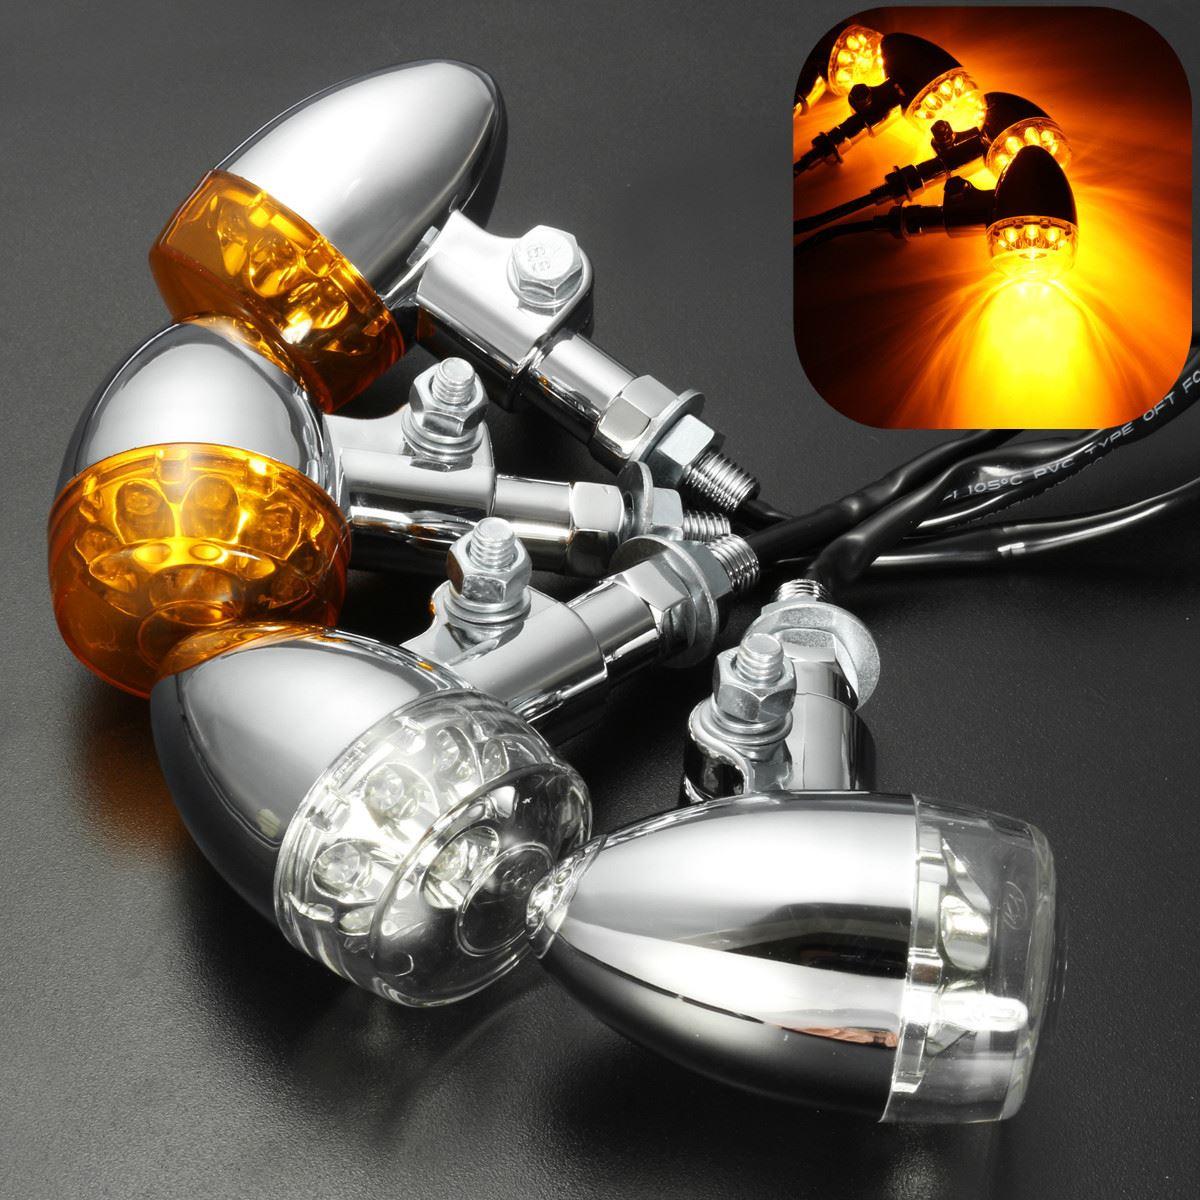 2PCS Motorcycle Flasher 9 LED Turn Signal Indicator Light For Harley Chopper Bobber Cruisers